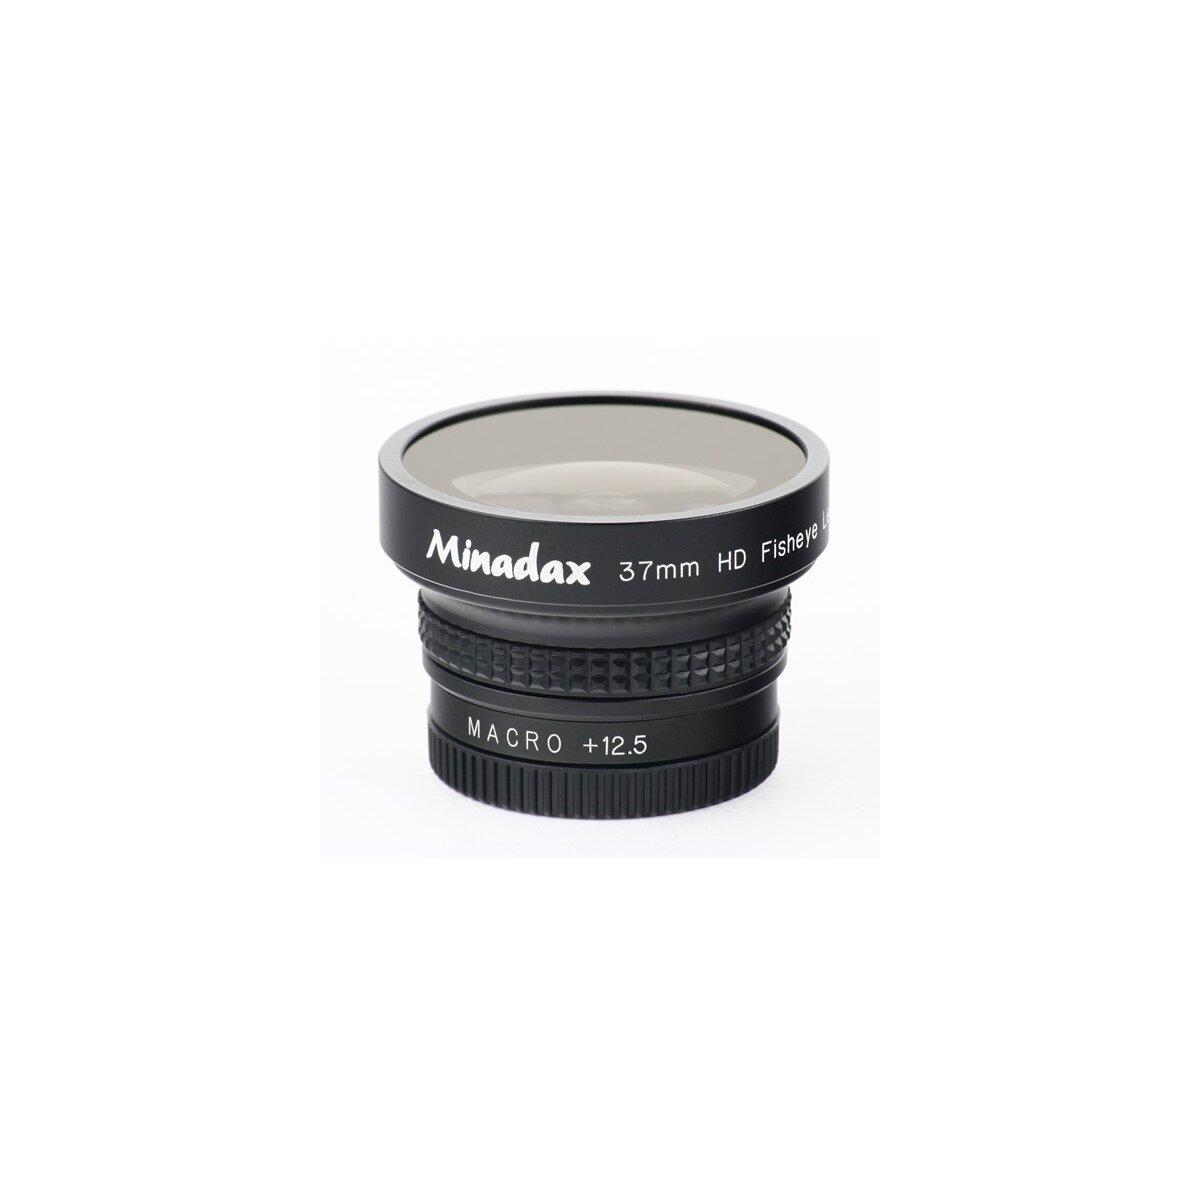 0.42x Minadax Fisheye Vorsatz kompatibel für Sony DCR-HC16, DCR-HC17, DCR-HC18, DCR-HC19, DCR-HC20, DCR-HC22, DCR-HC23, DCR-HC24, DCR-HC27, DCR-HC30, DCR-HC32, DCR-HC35, DCR-HC39